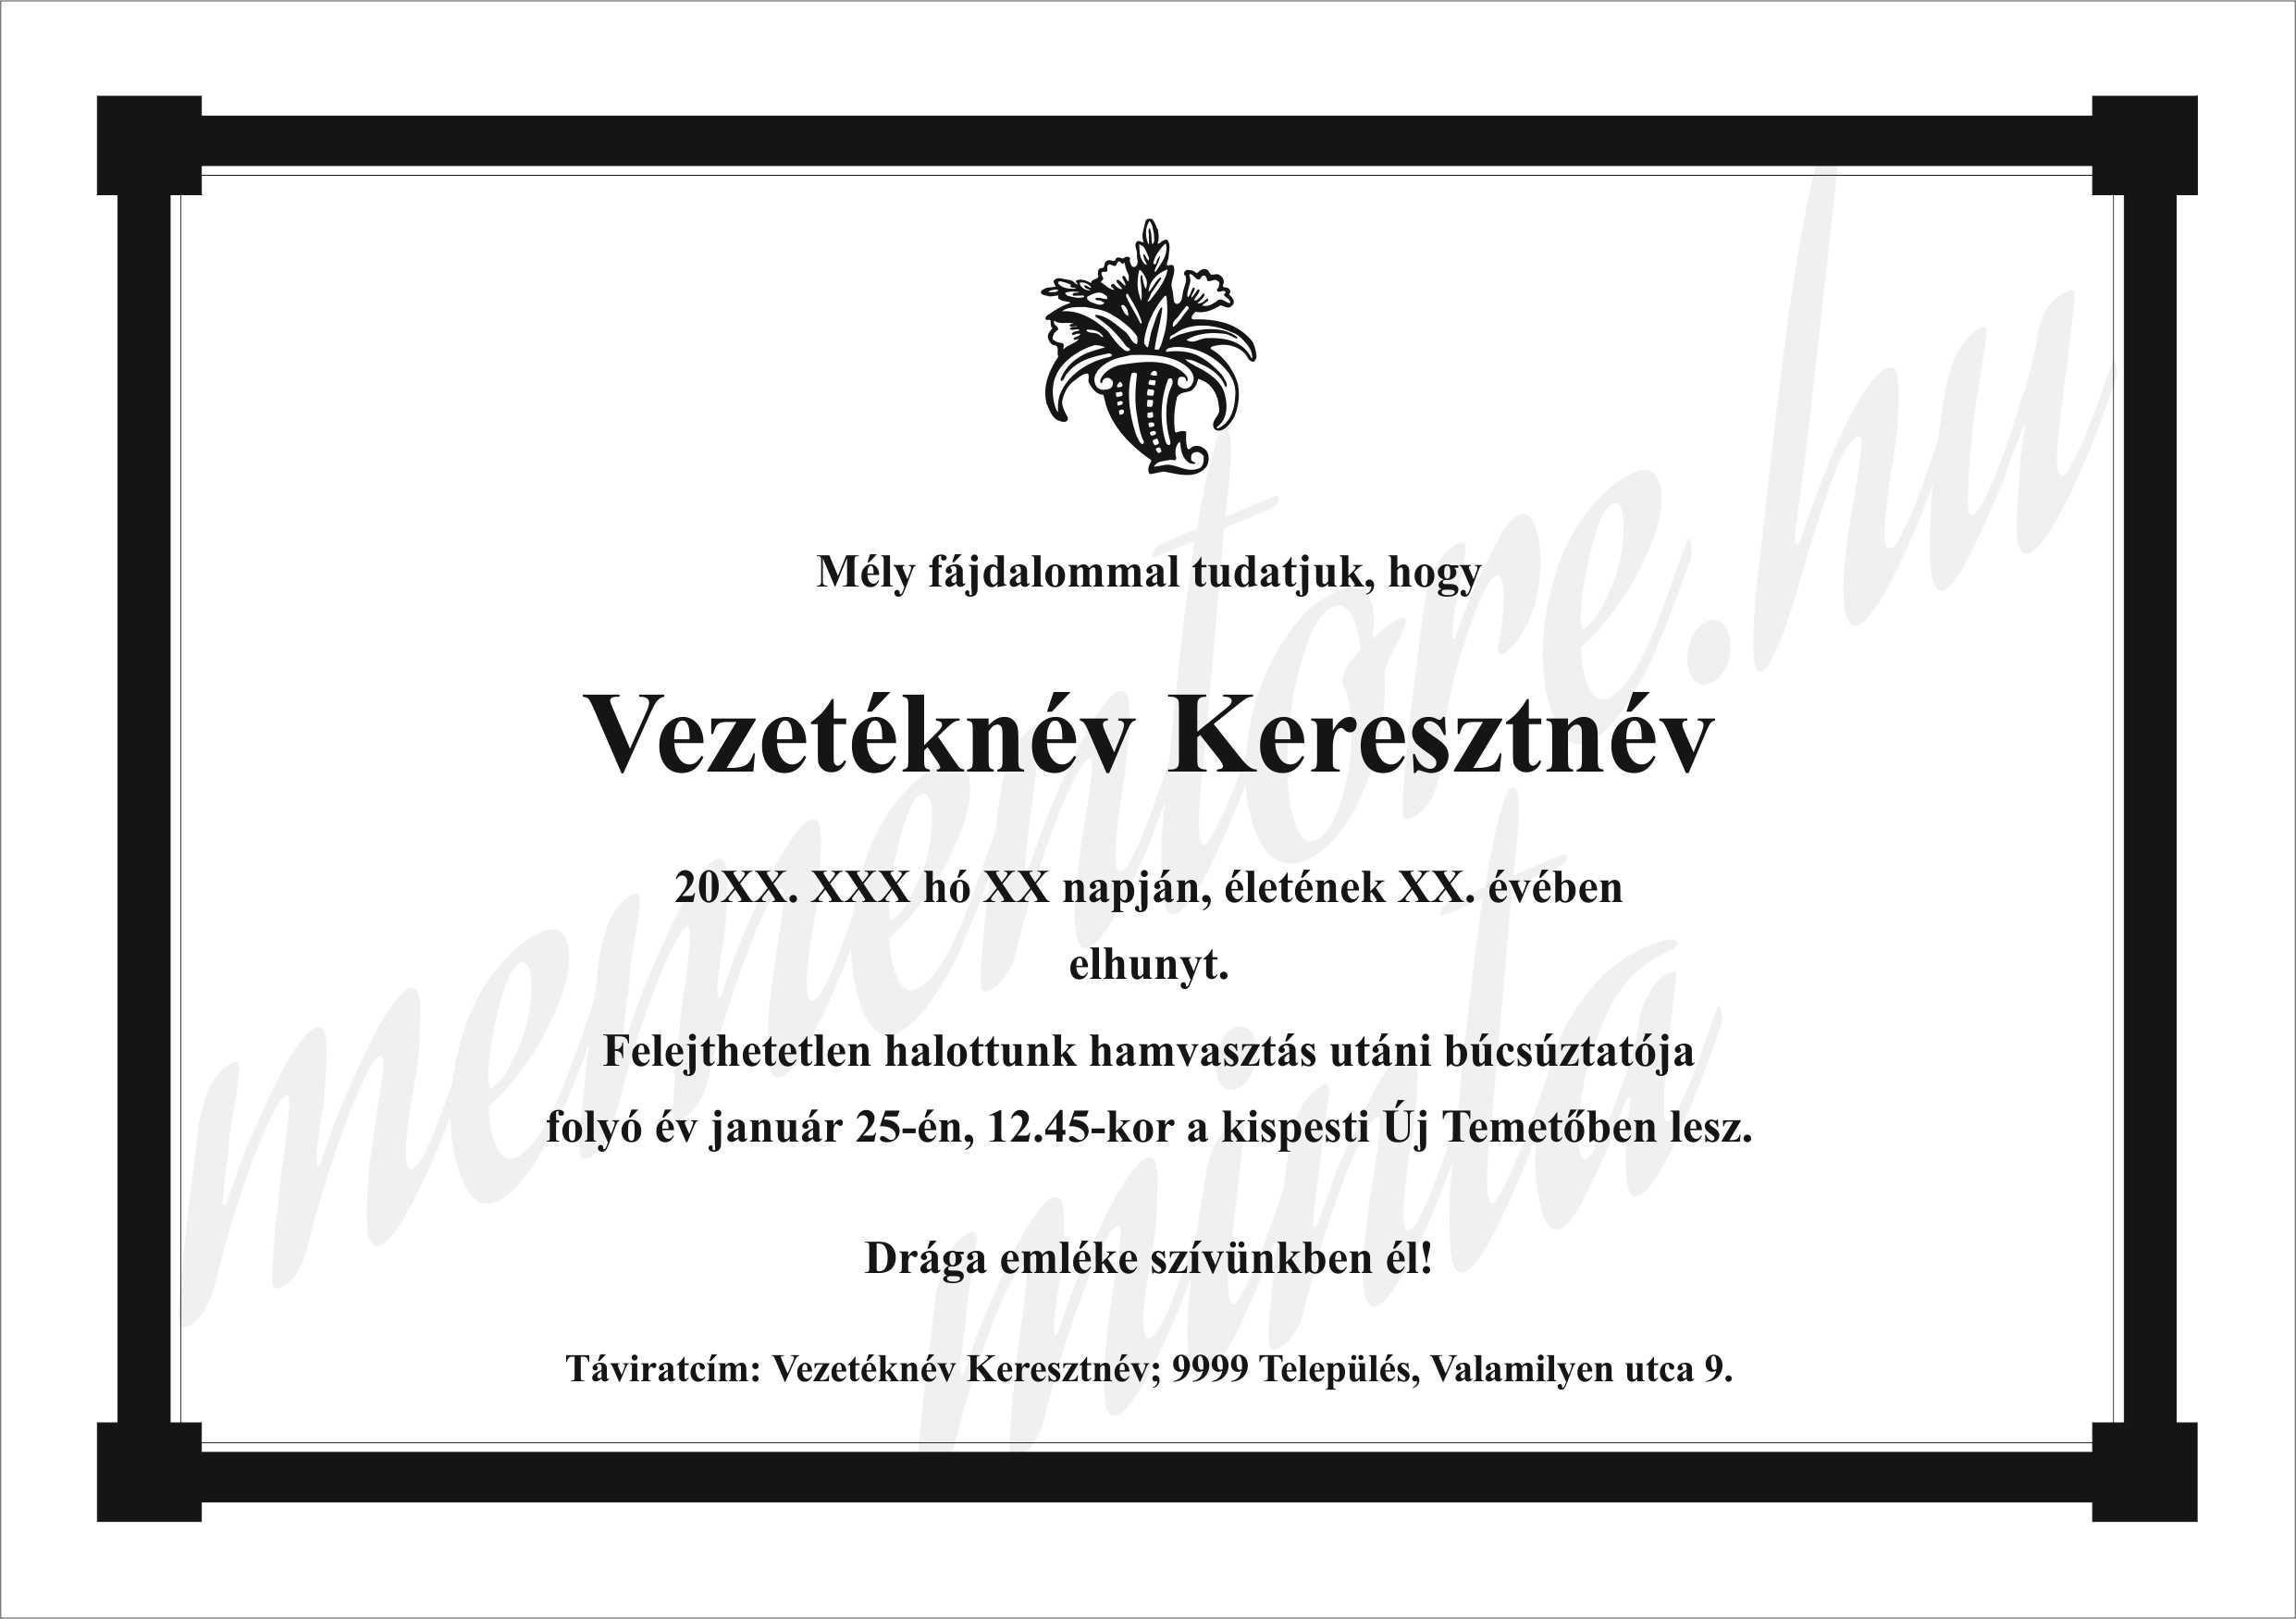 Gyaszertesito_A5026_sarkoskeret_viragszaru